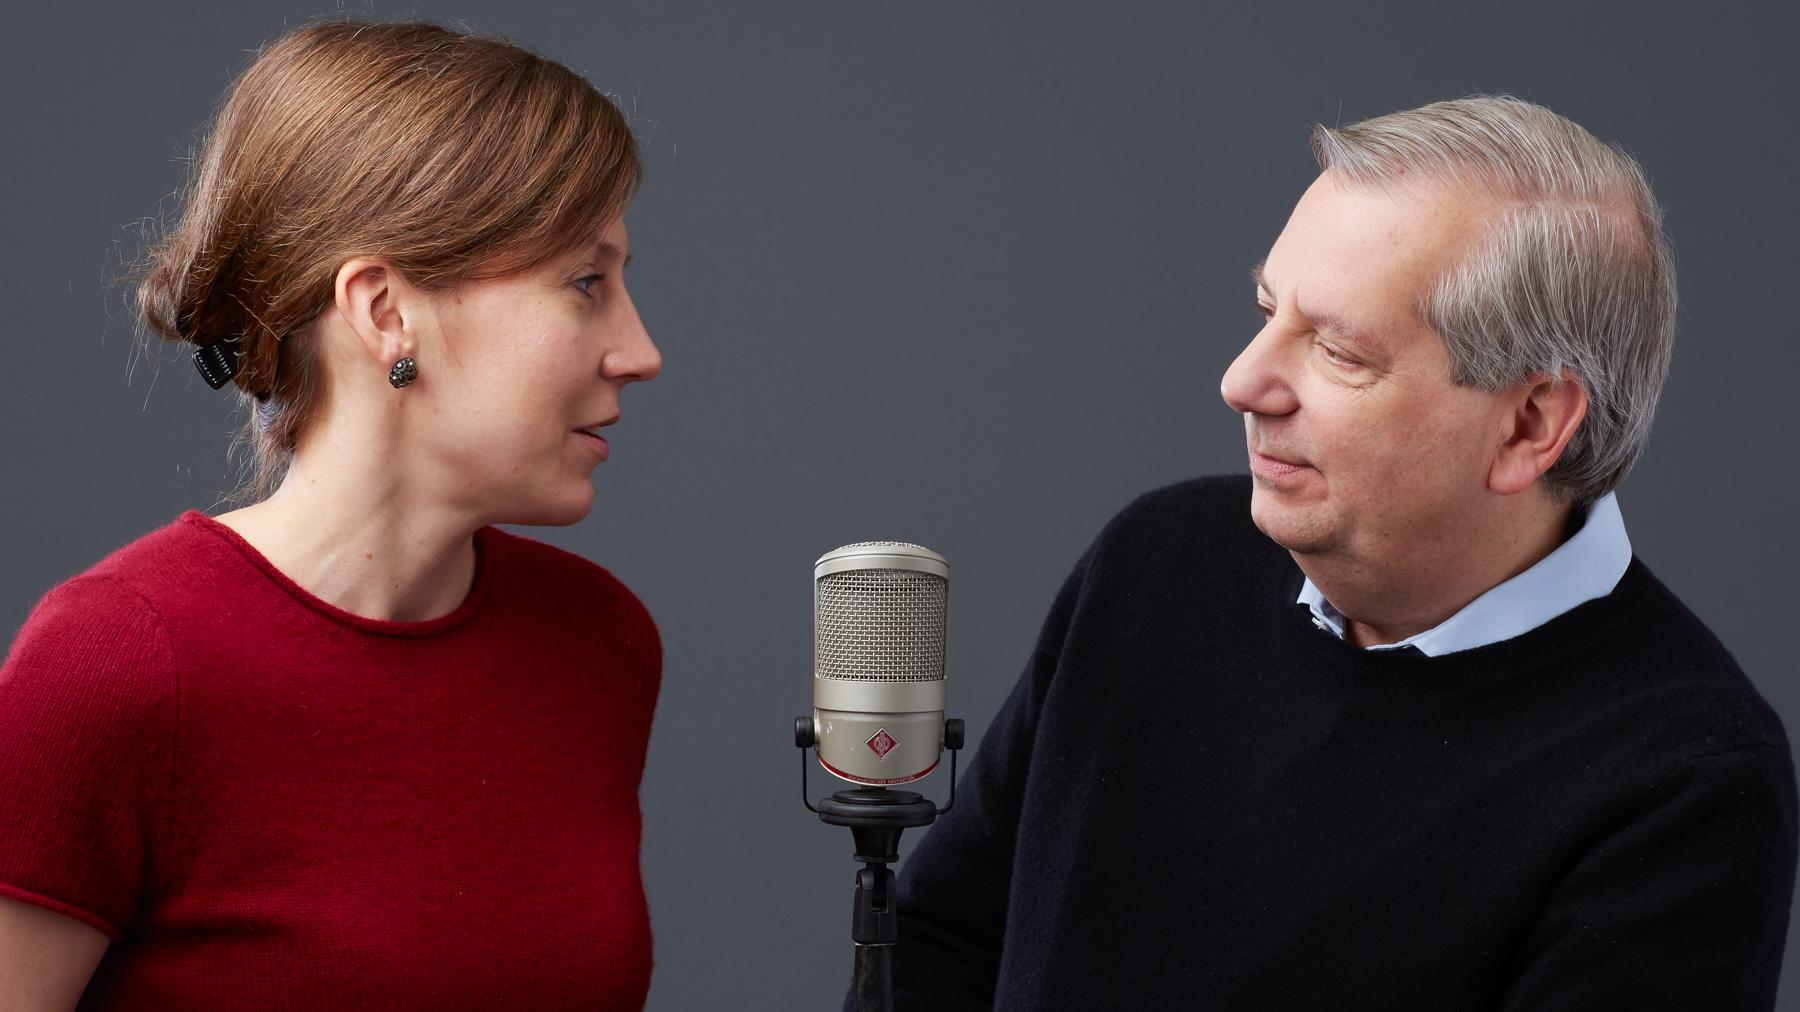 Your hosts, Steve & Katie